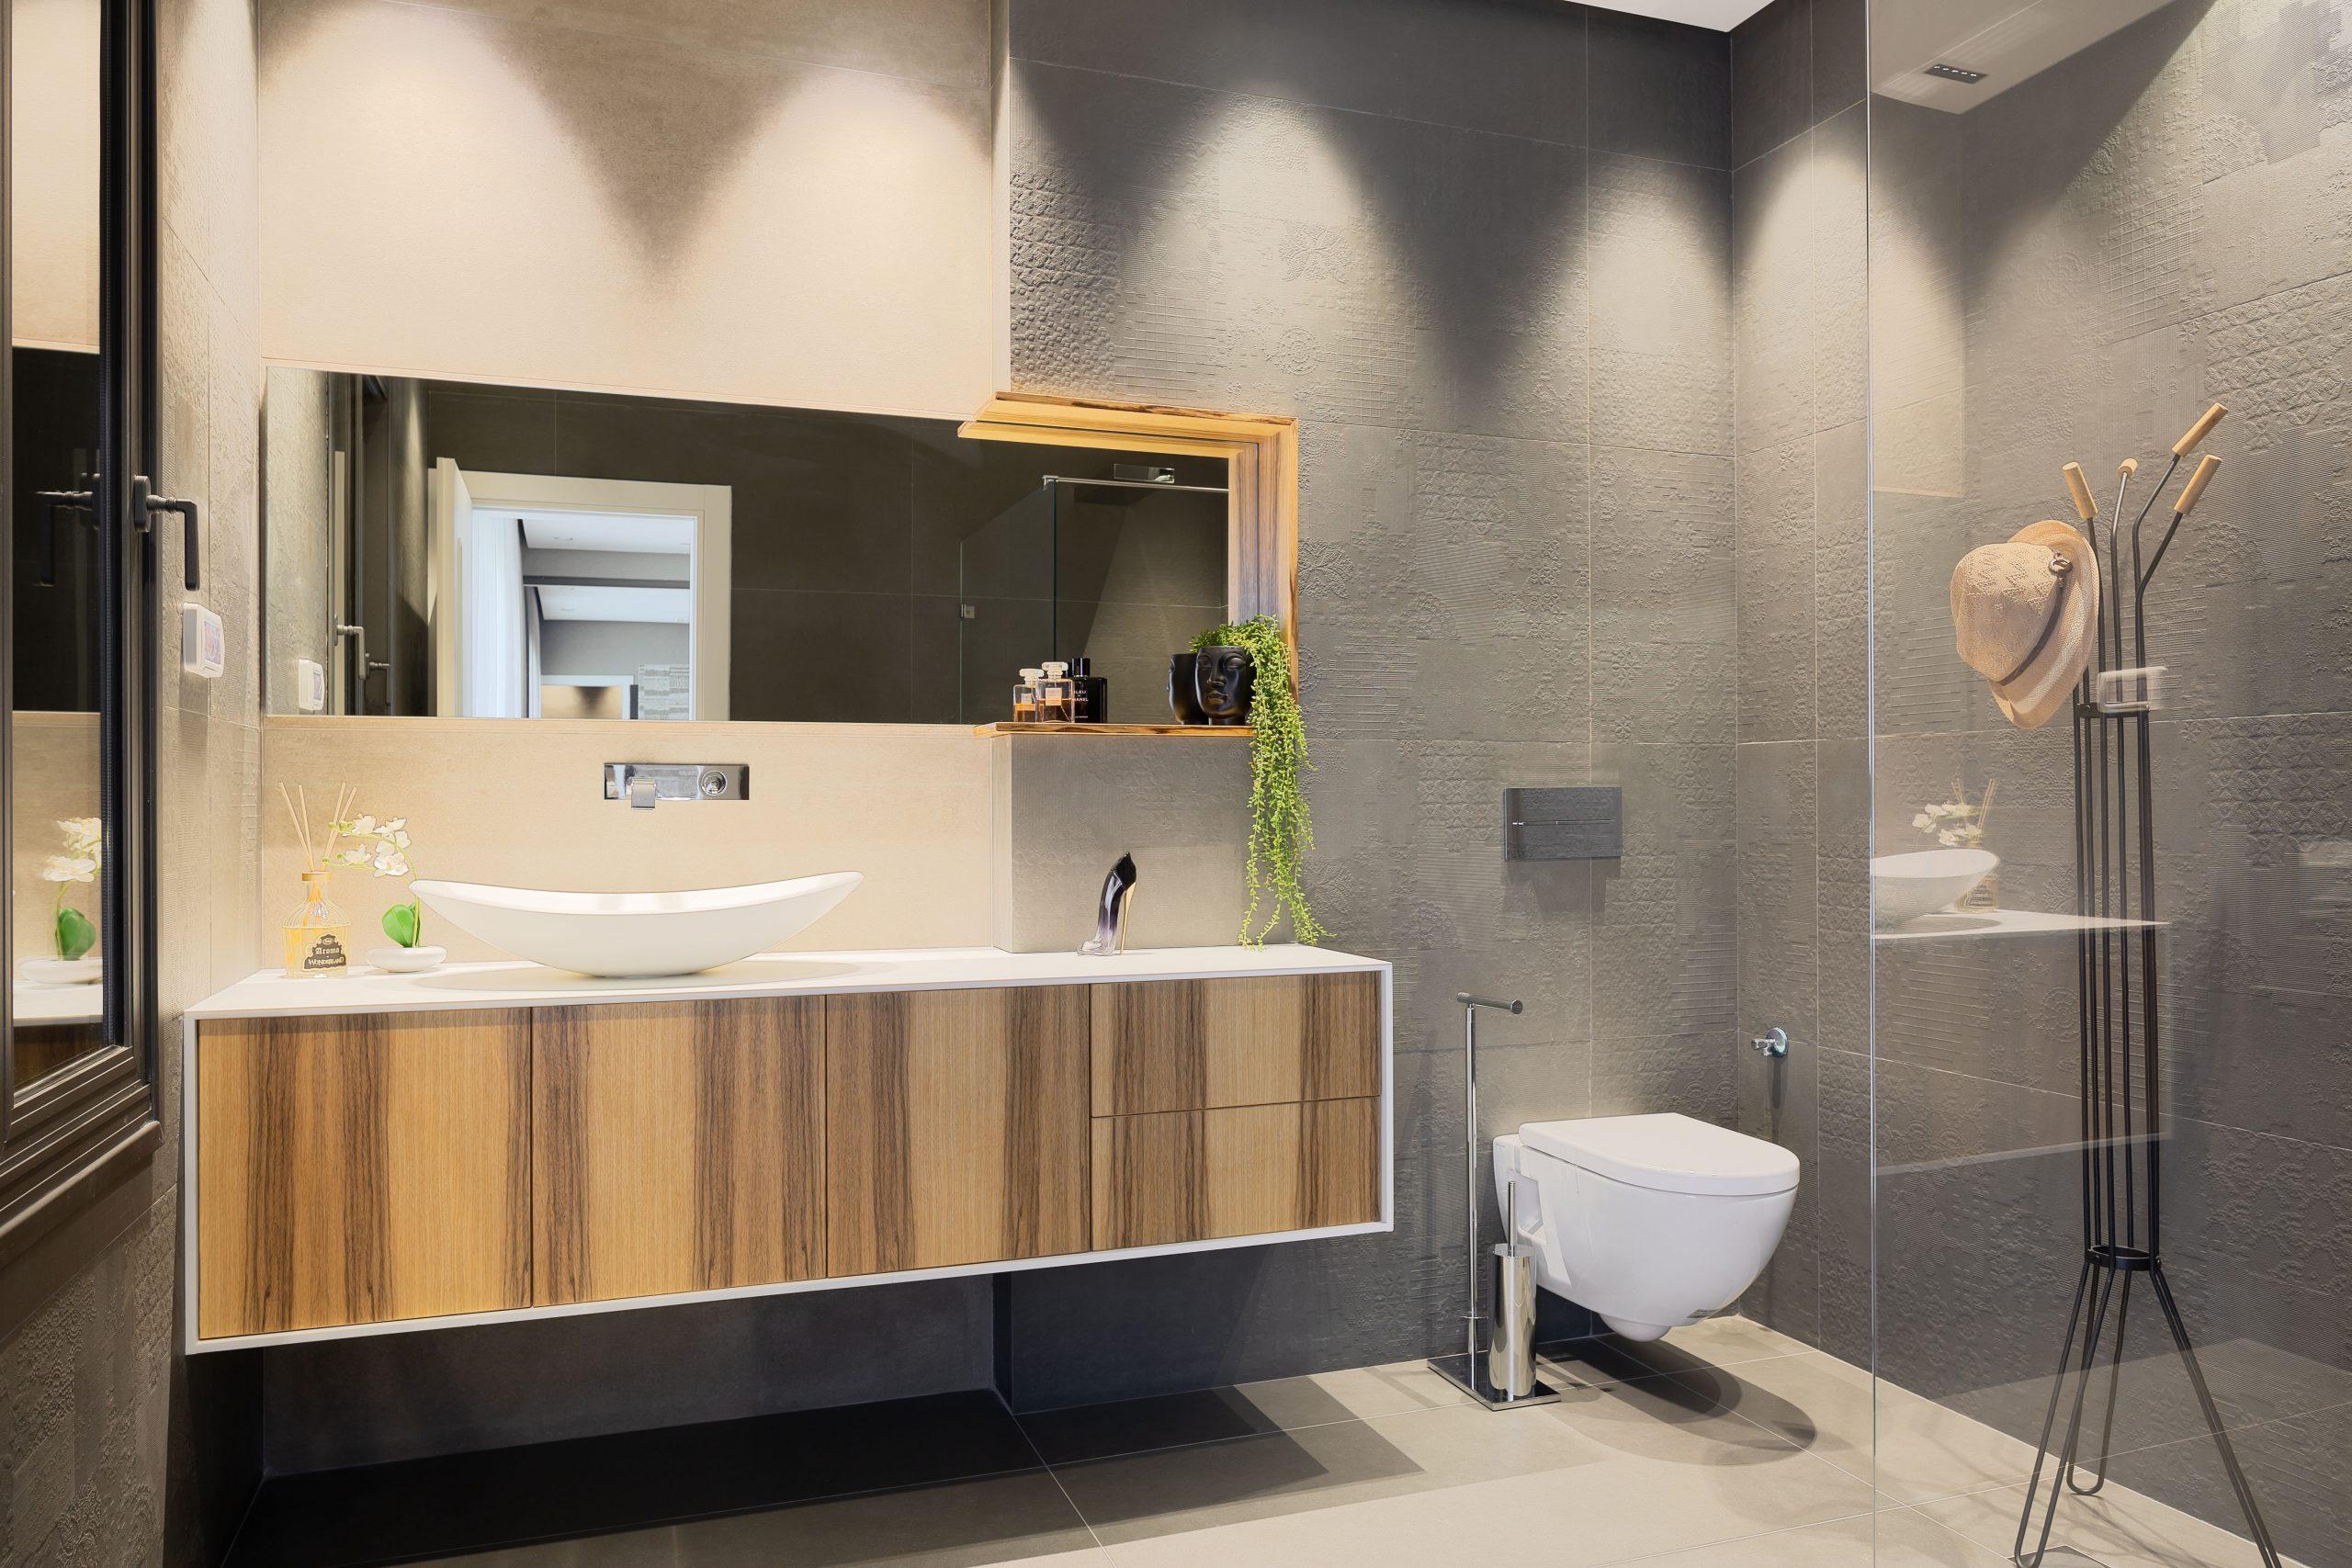 חדר מקלחת מעוצב עם תאורה מקצועית